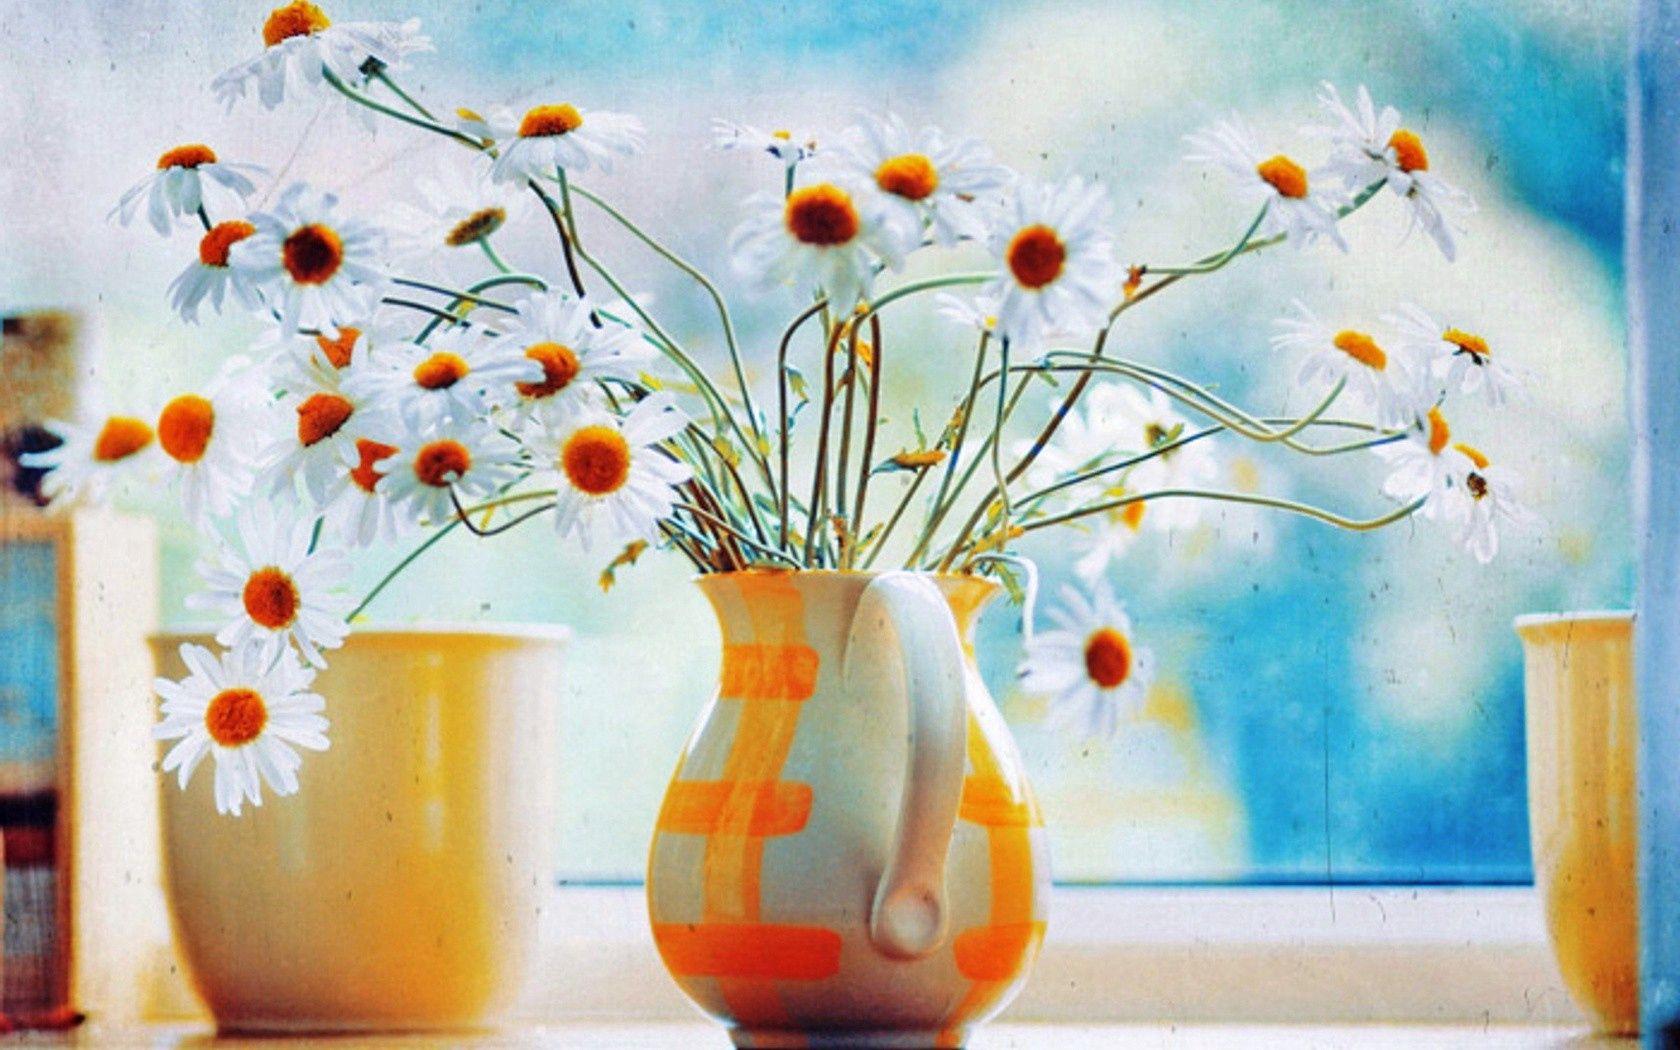 141645 Заставки и Обои Ромашки на телефон. Скачать Цветы, Ромашки, Кувшин, Букет, Окно картинки бесплатно